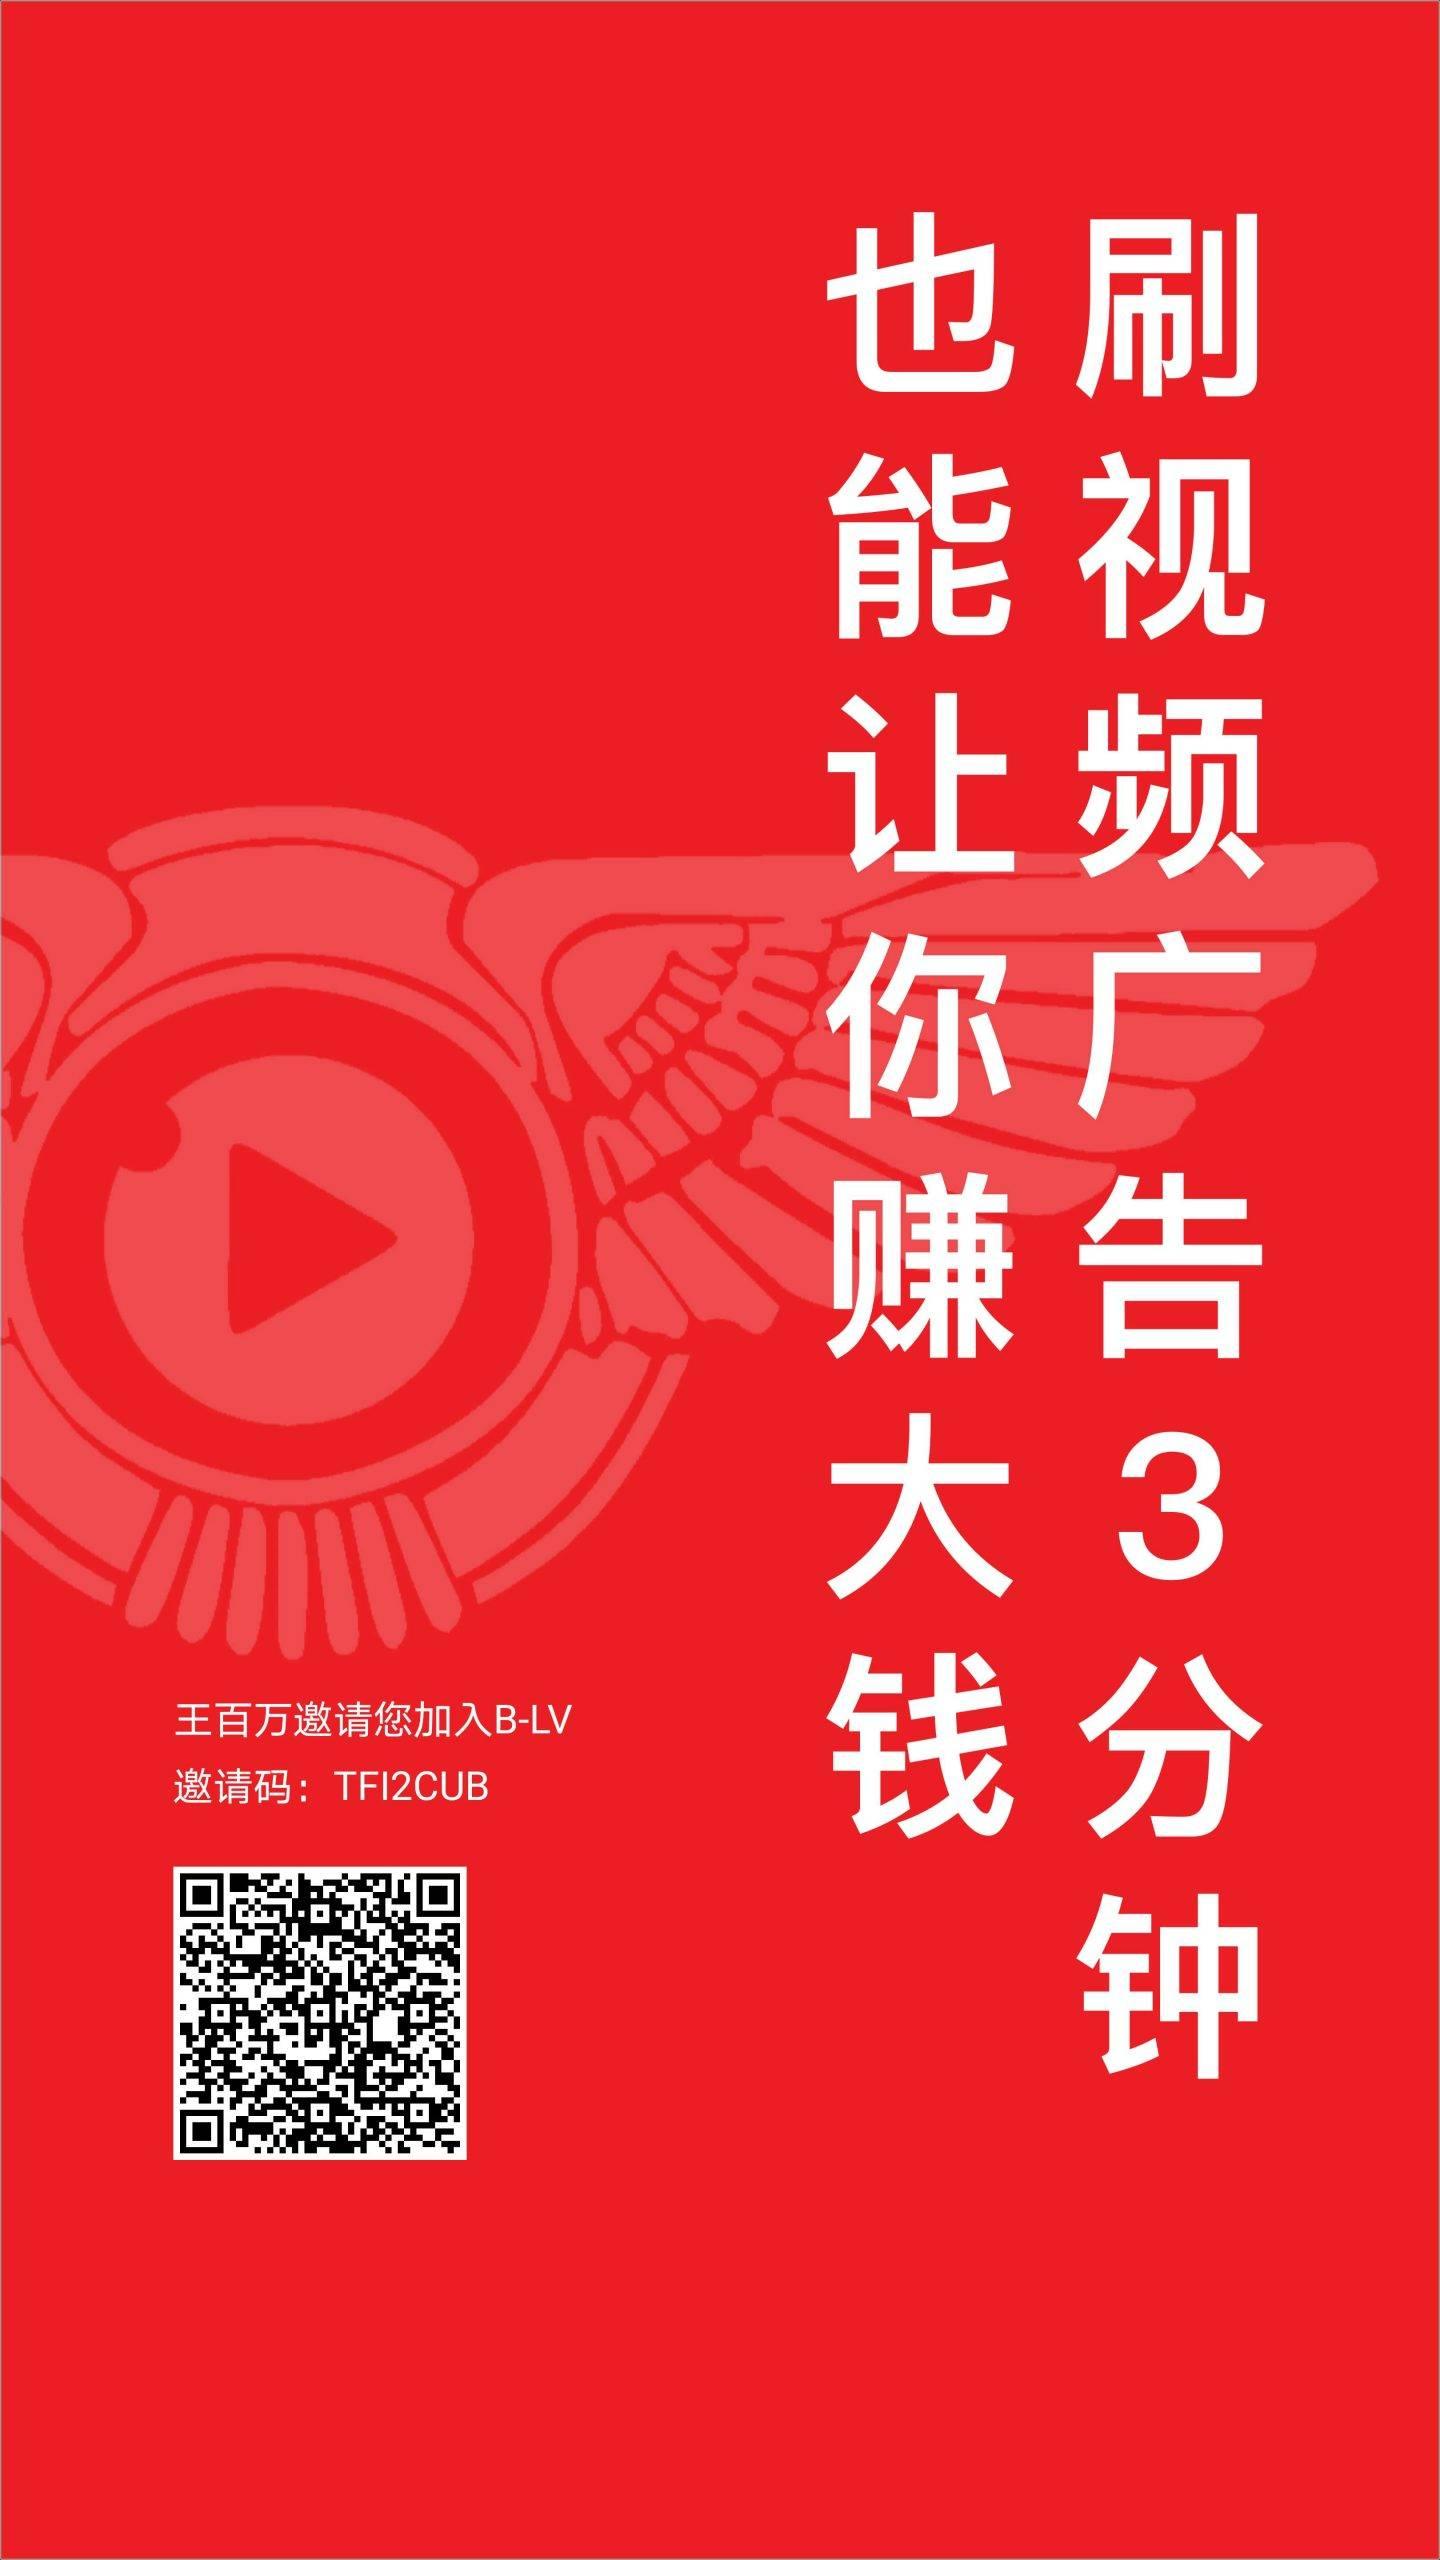 B-LV:注册实名送体验任务包,每天看180秒视频释放!